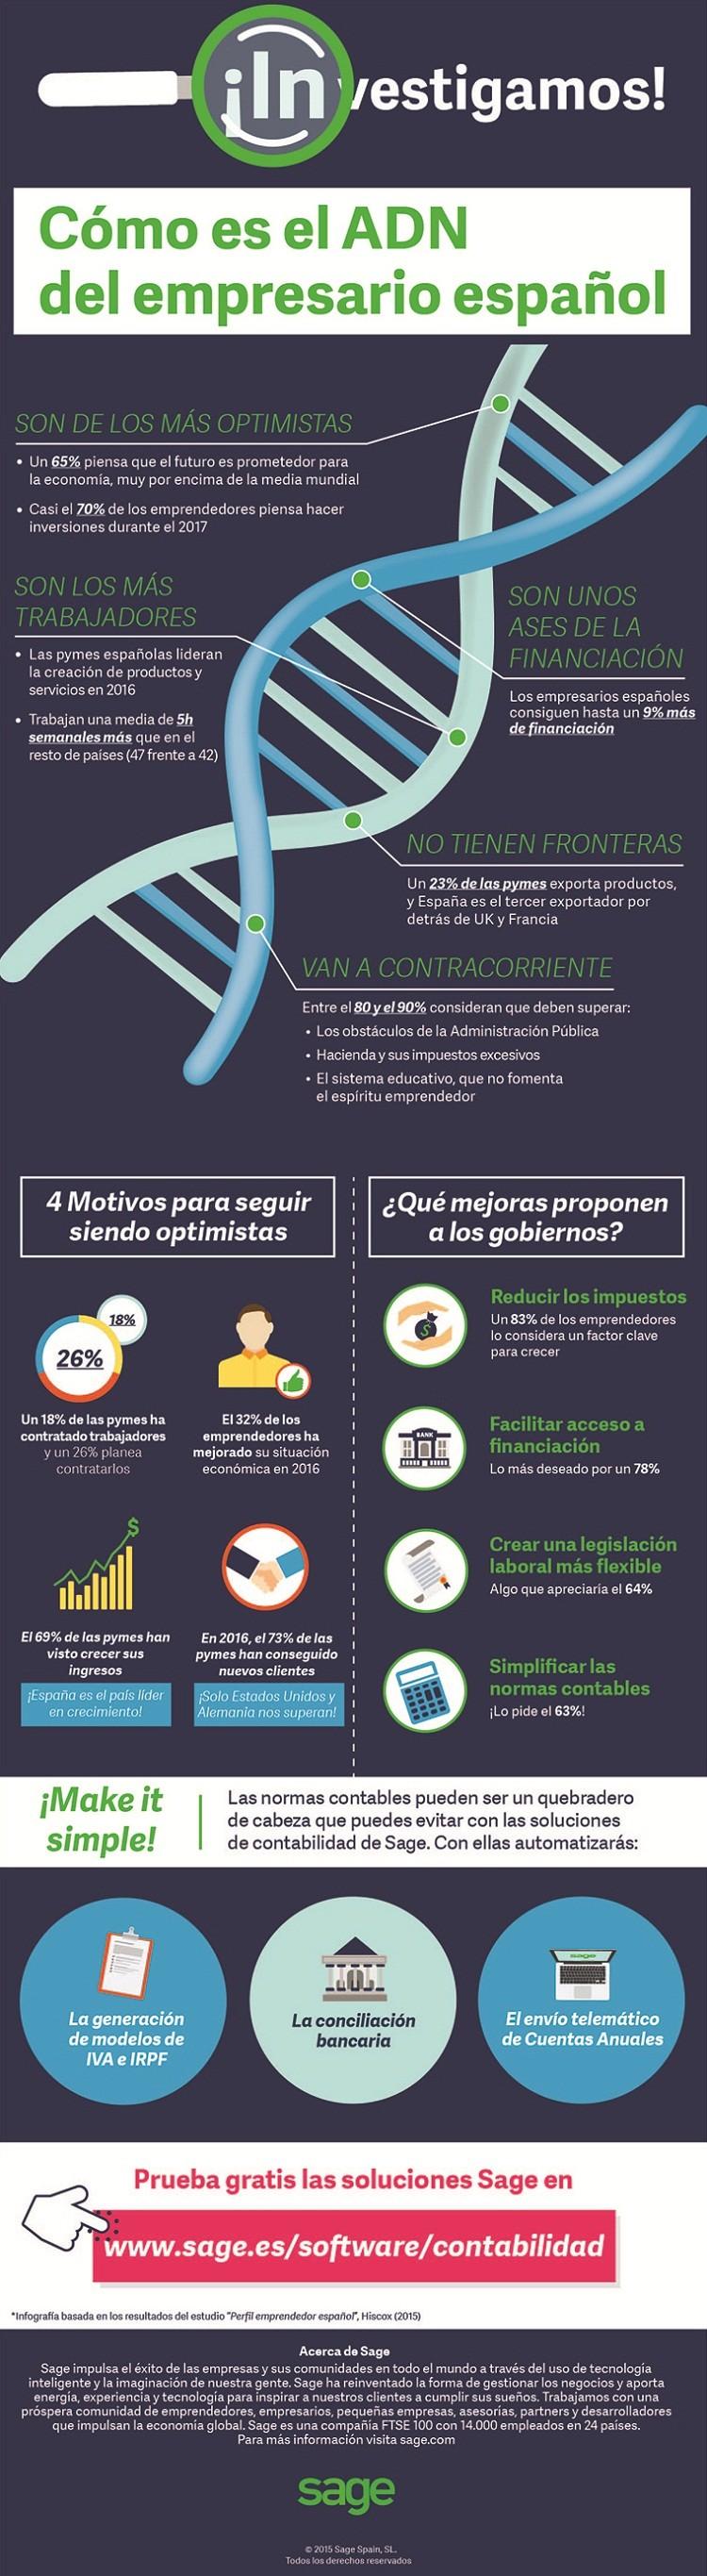 infgrf_como-es-el-adn-del-empresario-espan%cc%83ol-1200px